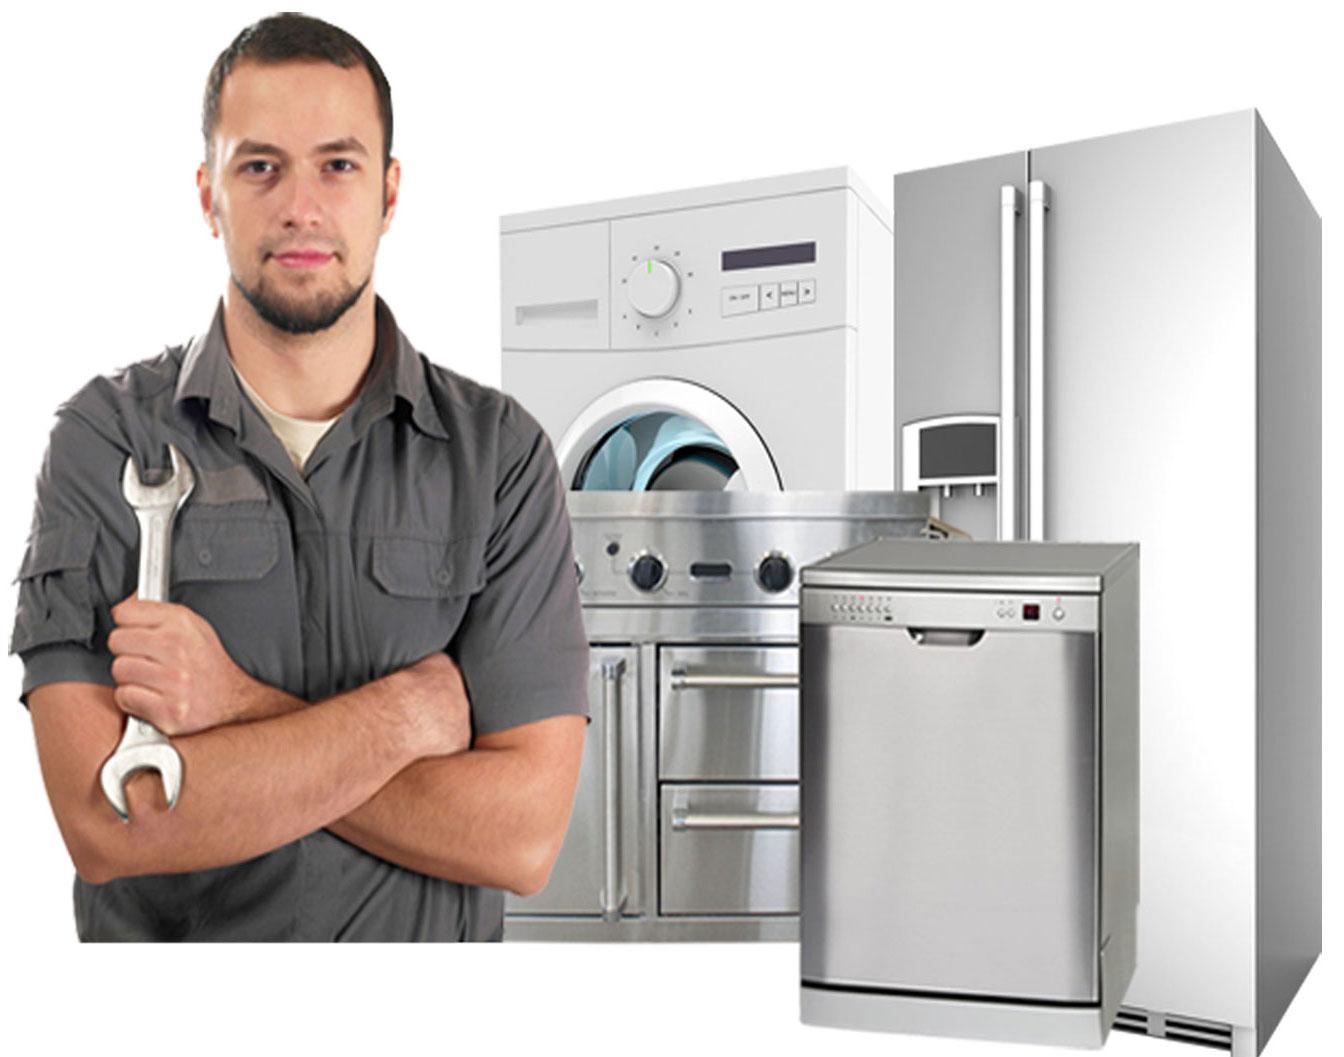 conserto-de-geladeiras-em-sorocaba